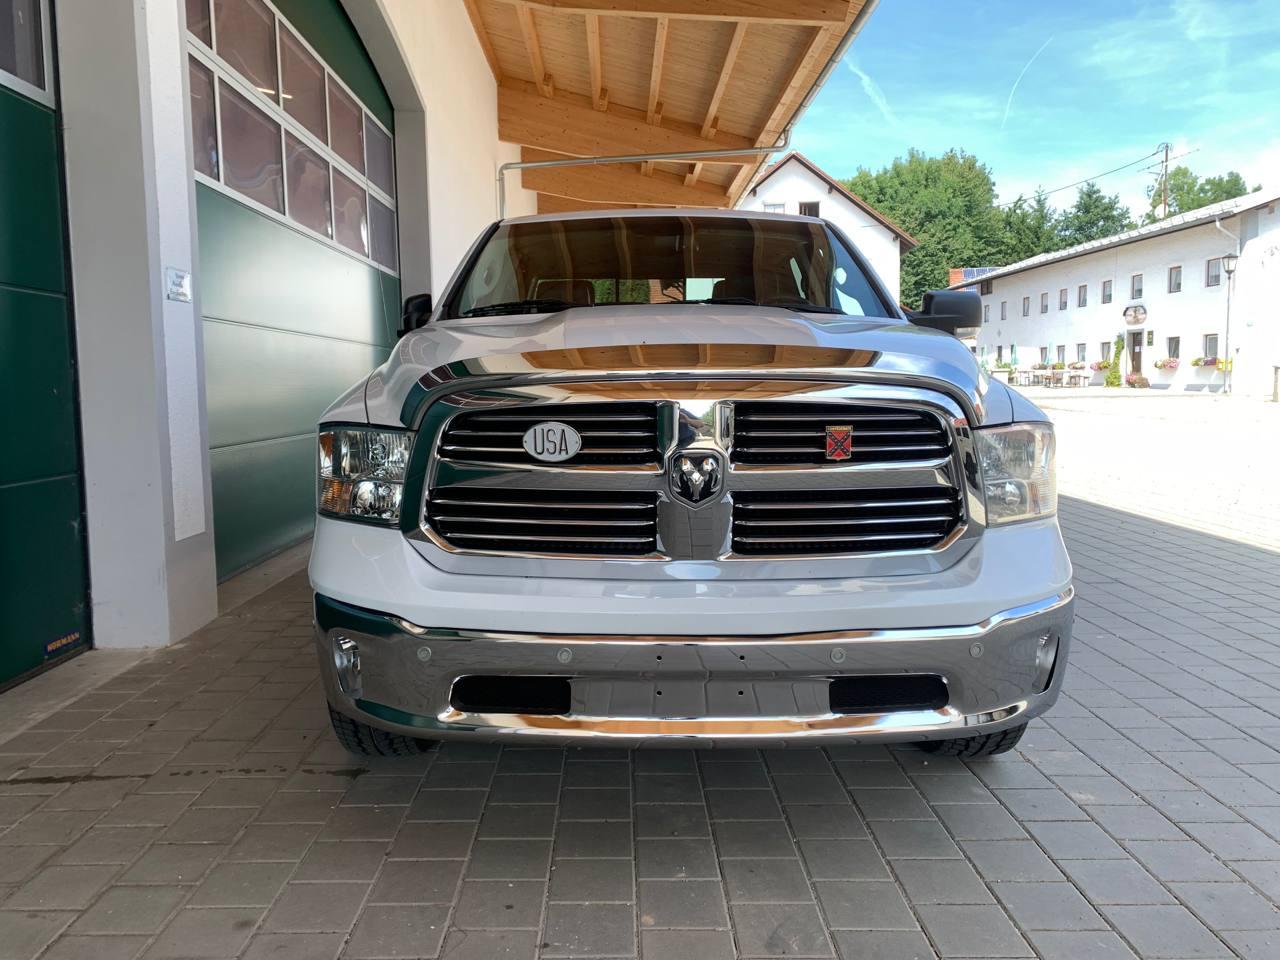 2017 Dodge Ram 1500 Lonestar Crew cab Zu Verkaufen Deutschland